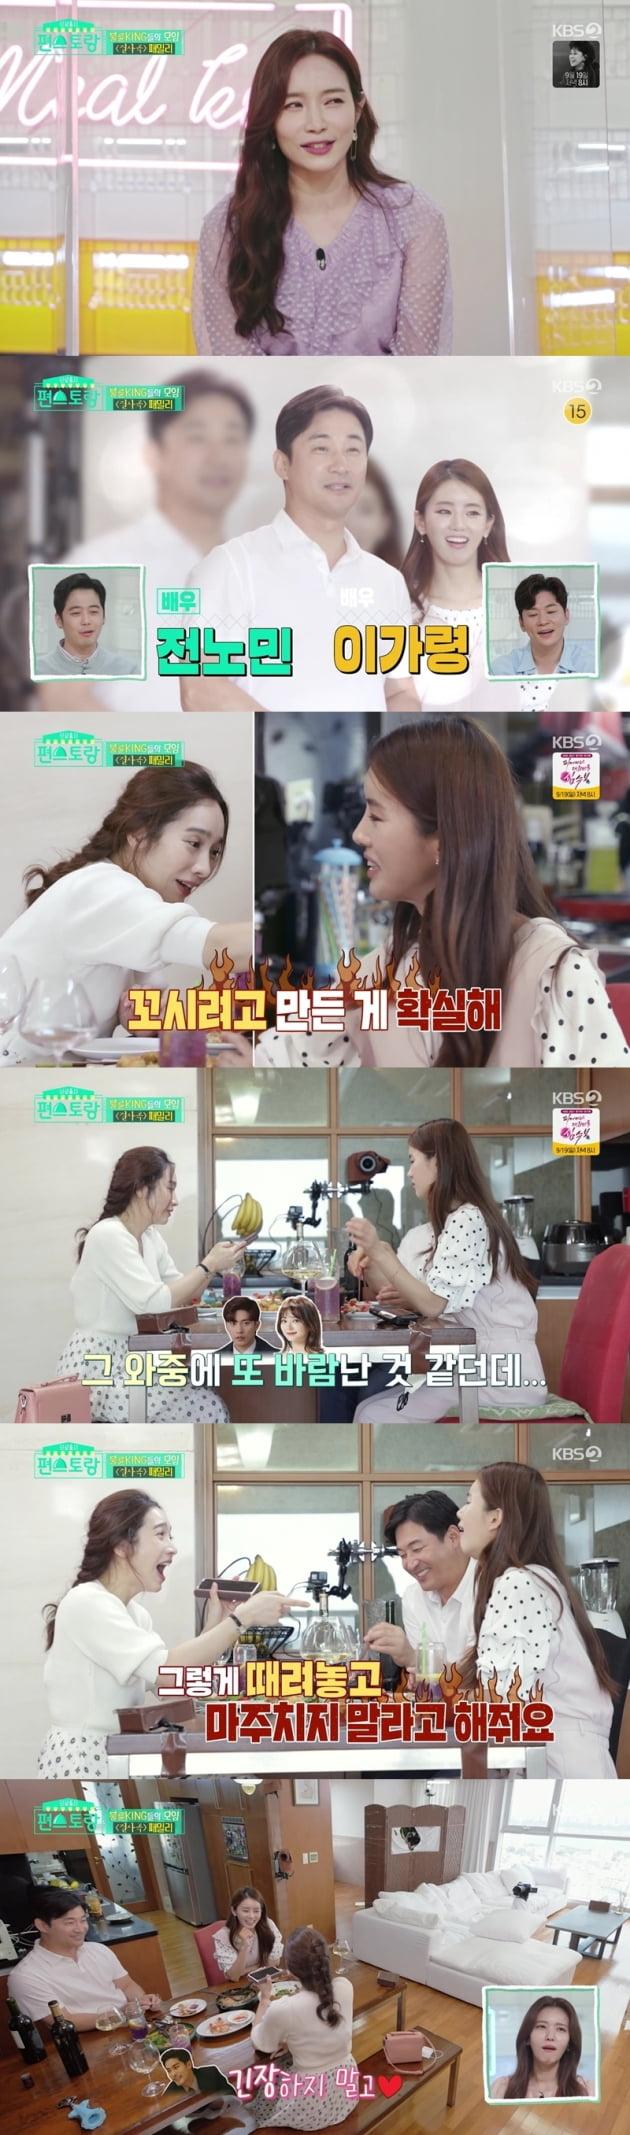 '편스토랑' 이민영/ 사진=KBS2 제공